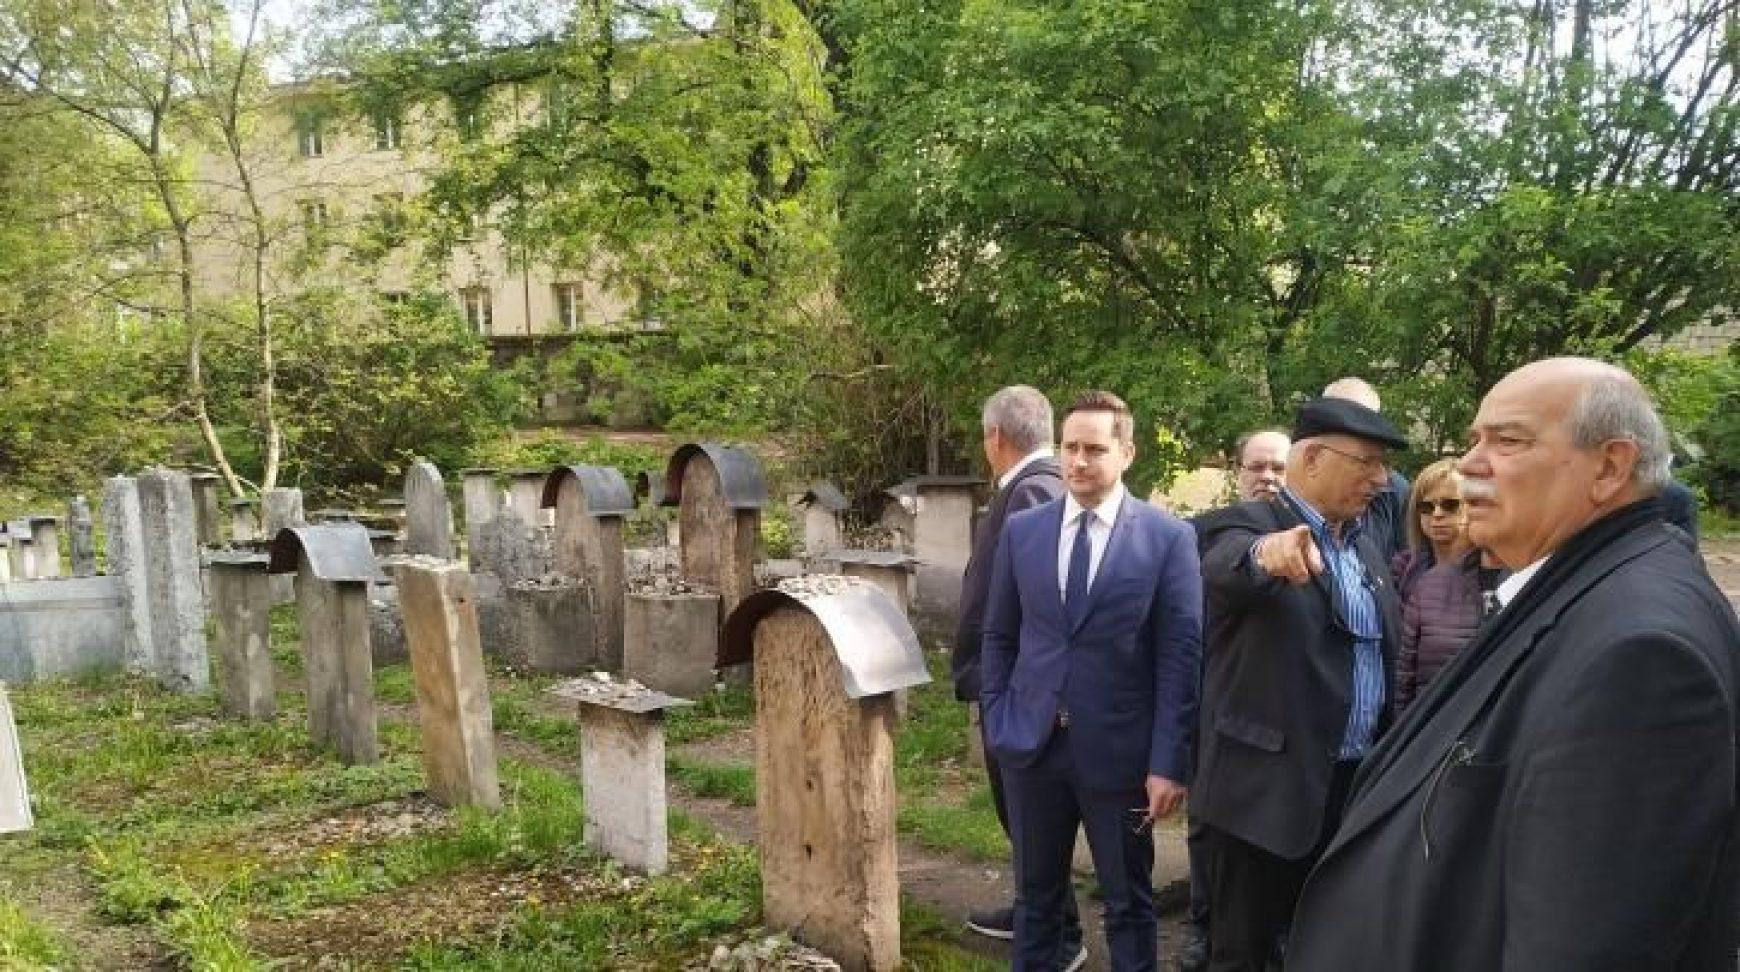 Άουσβιτς: Τερματίζεται η 70χρονη απουσία της Ελλάδας από τον χώρο ιστορικής μνήμης